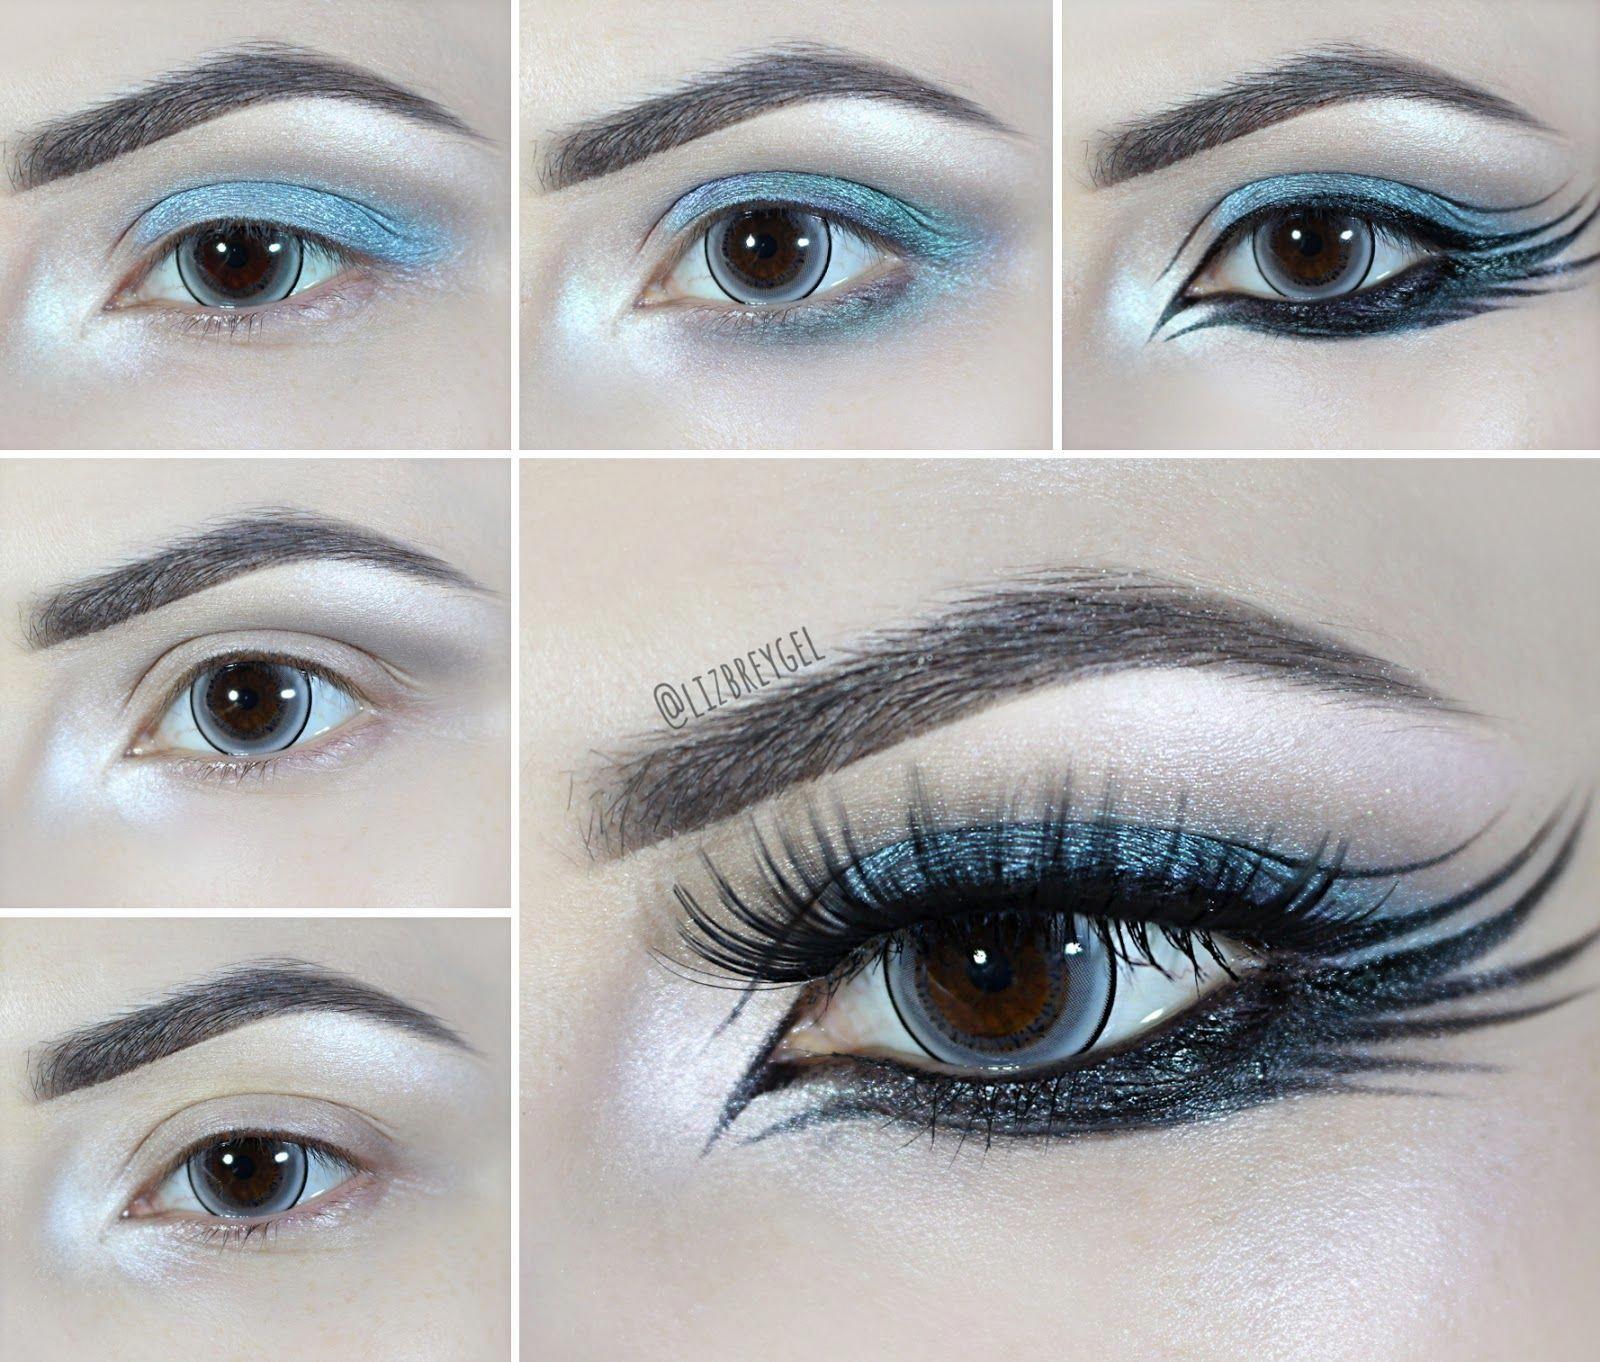 Visite la página web para leer más sobre el tutorial de maquillaje de ojos #eyemakeupideas